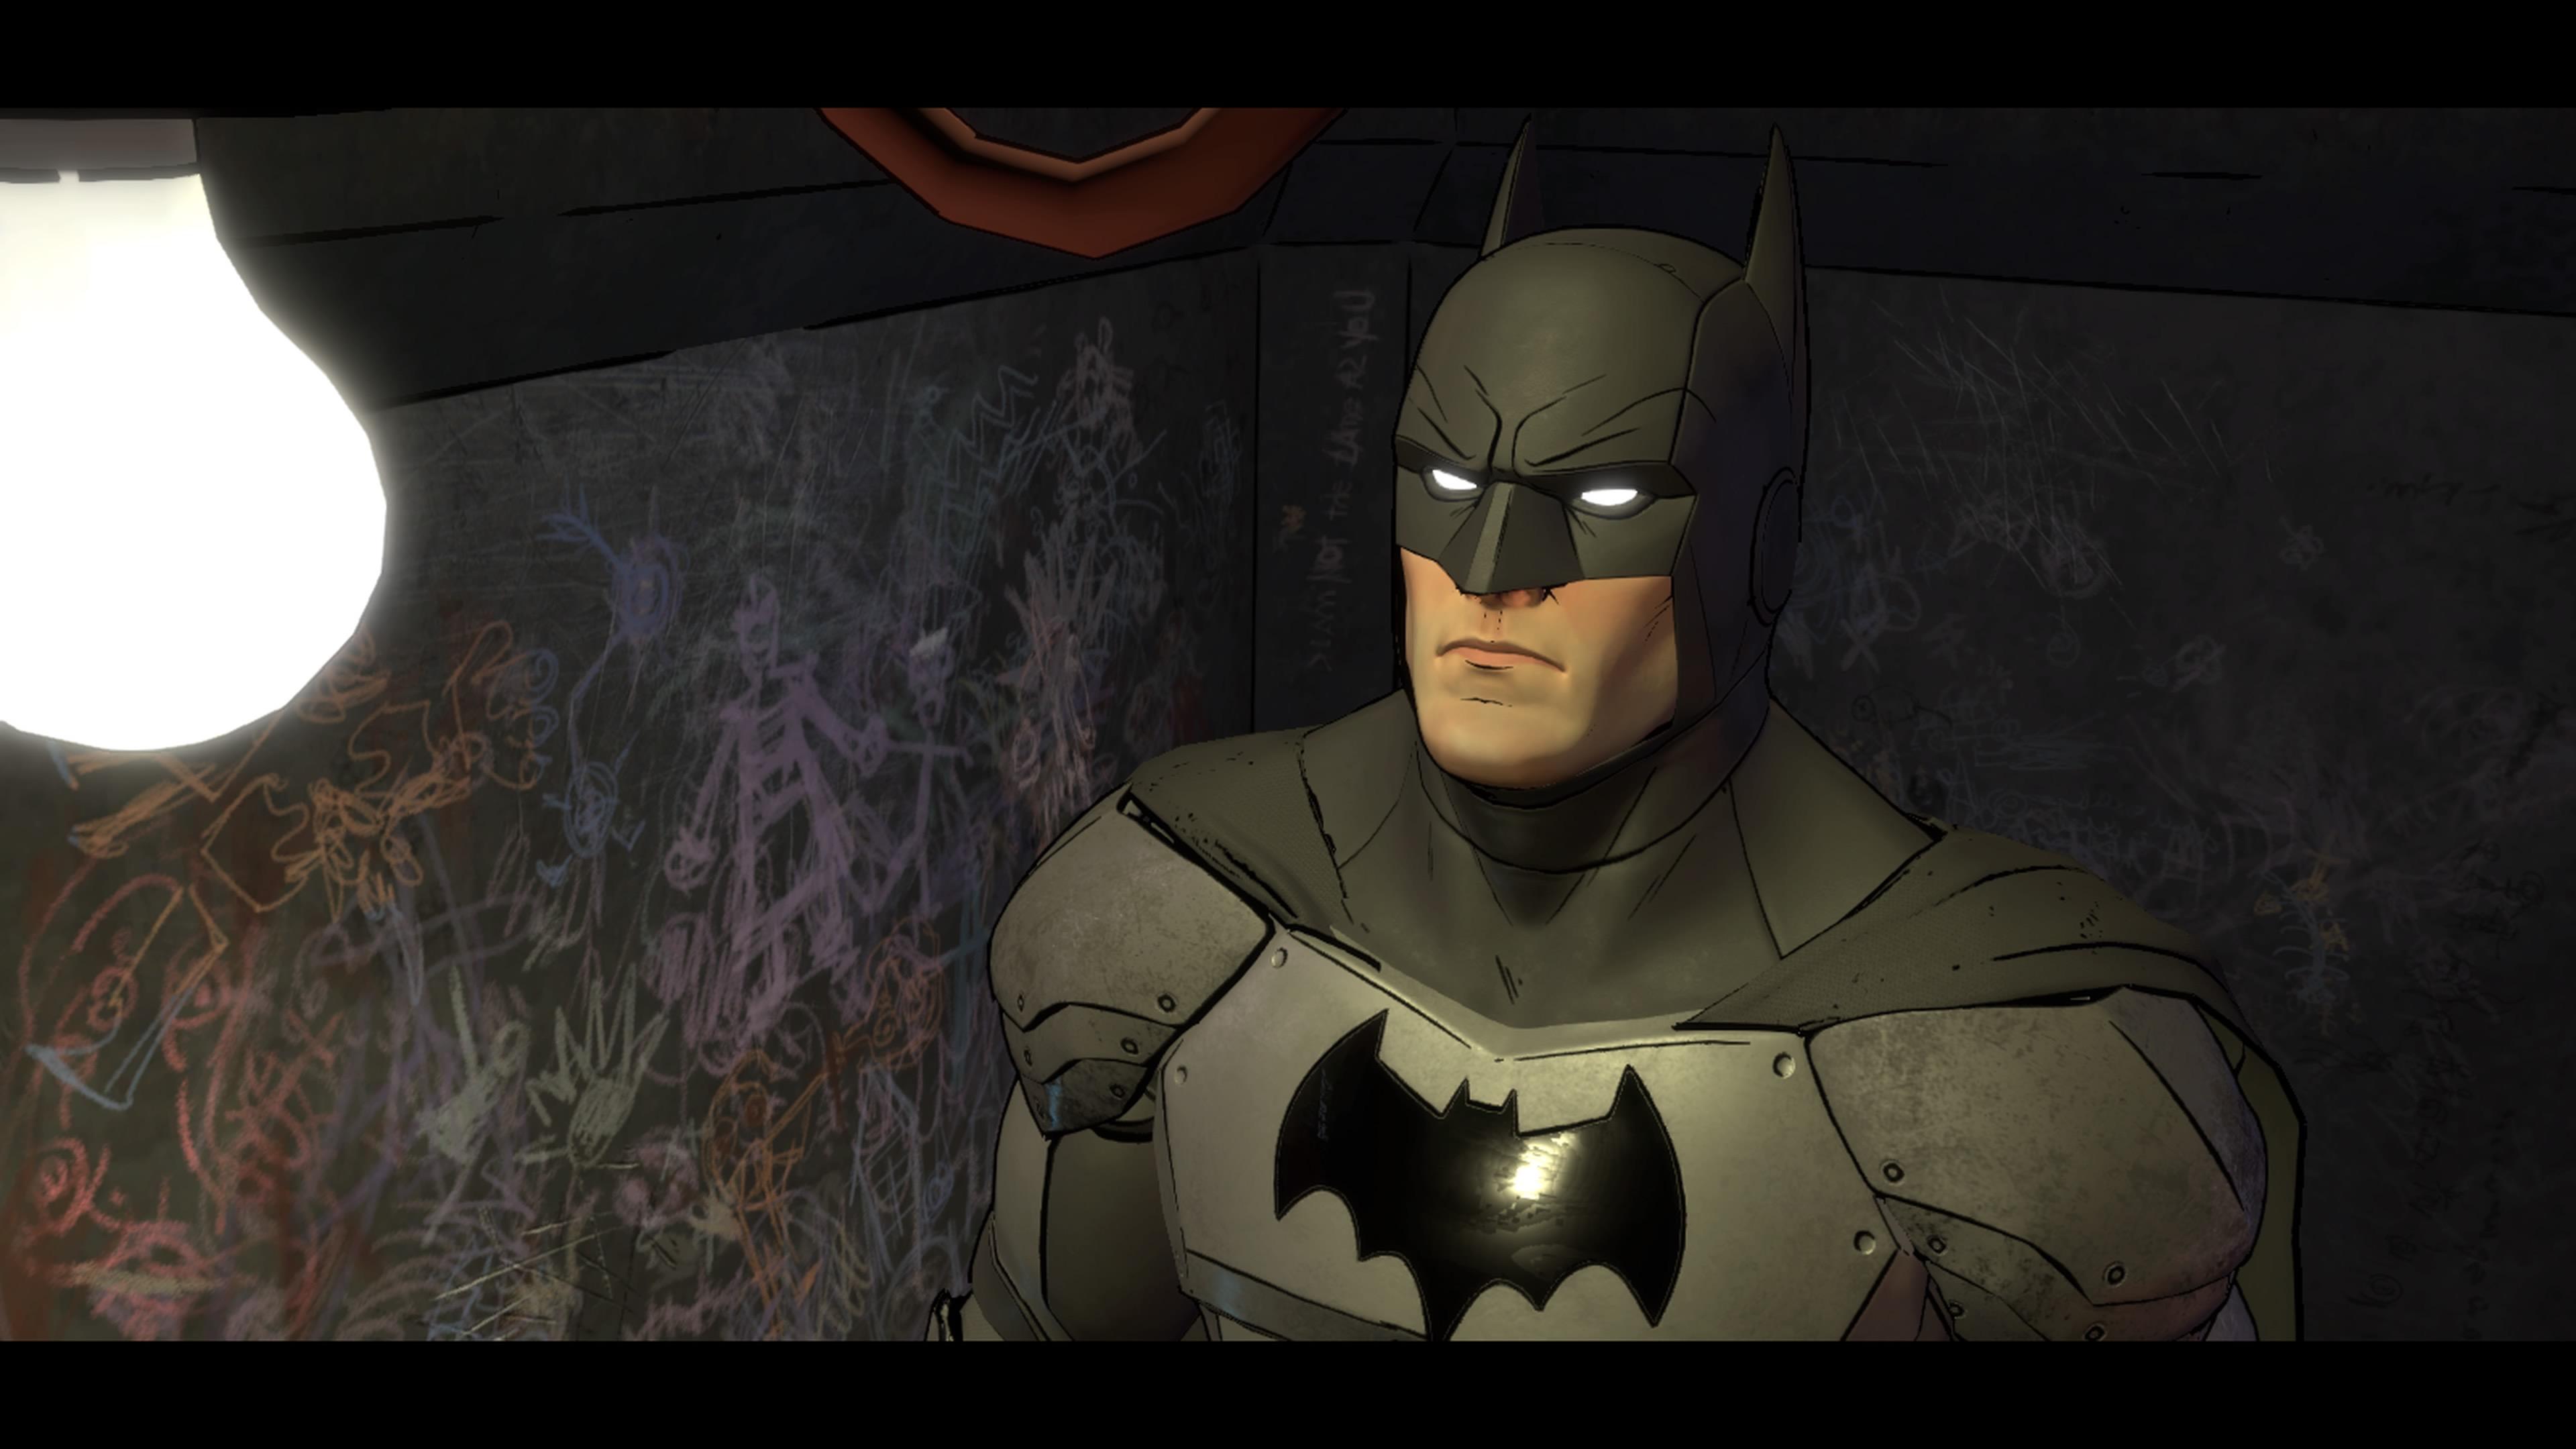 Słabo, Telltale. Batman zaliczył przygodowy finał, a mnie ledwo udało się doczołgać do końca